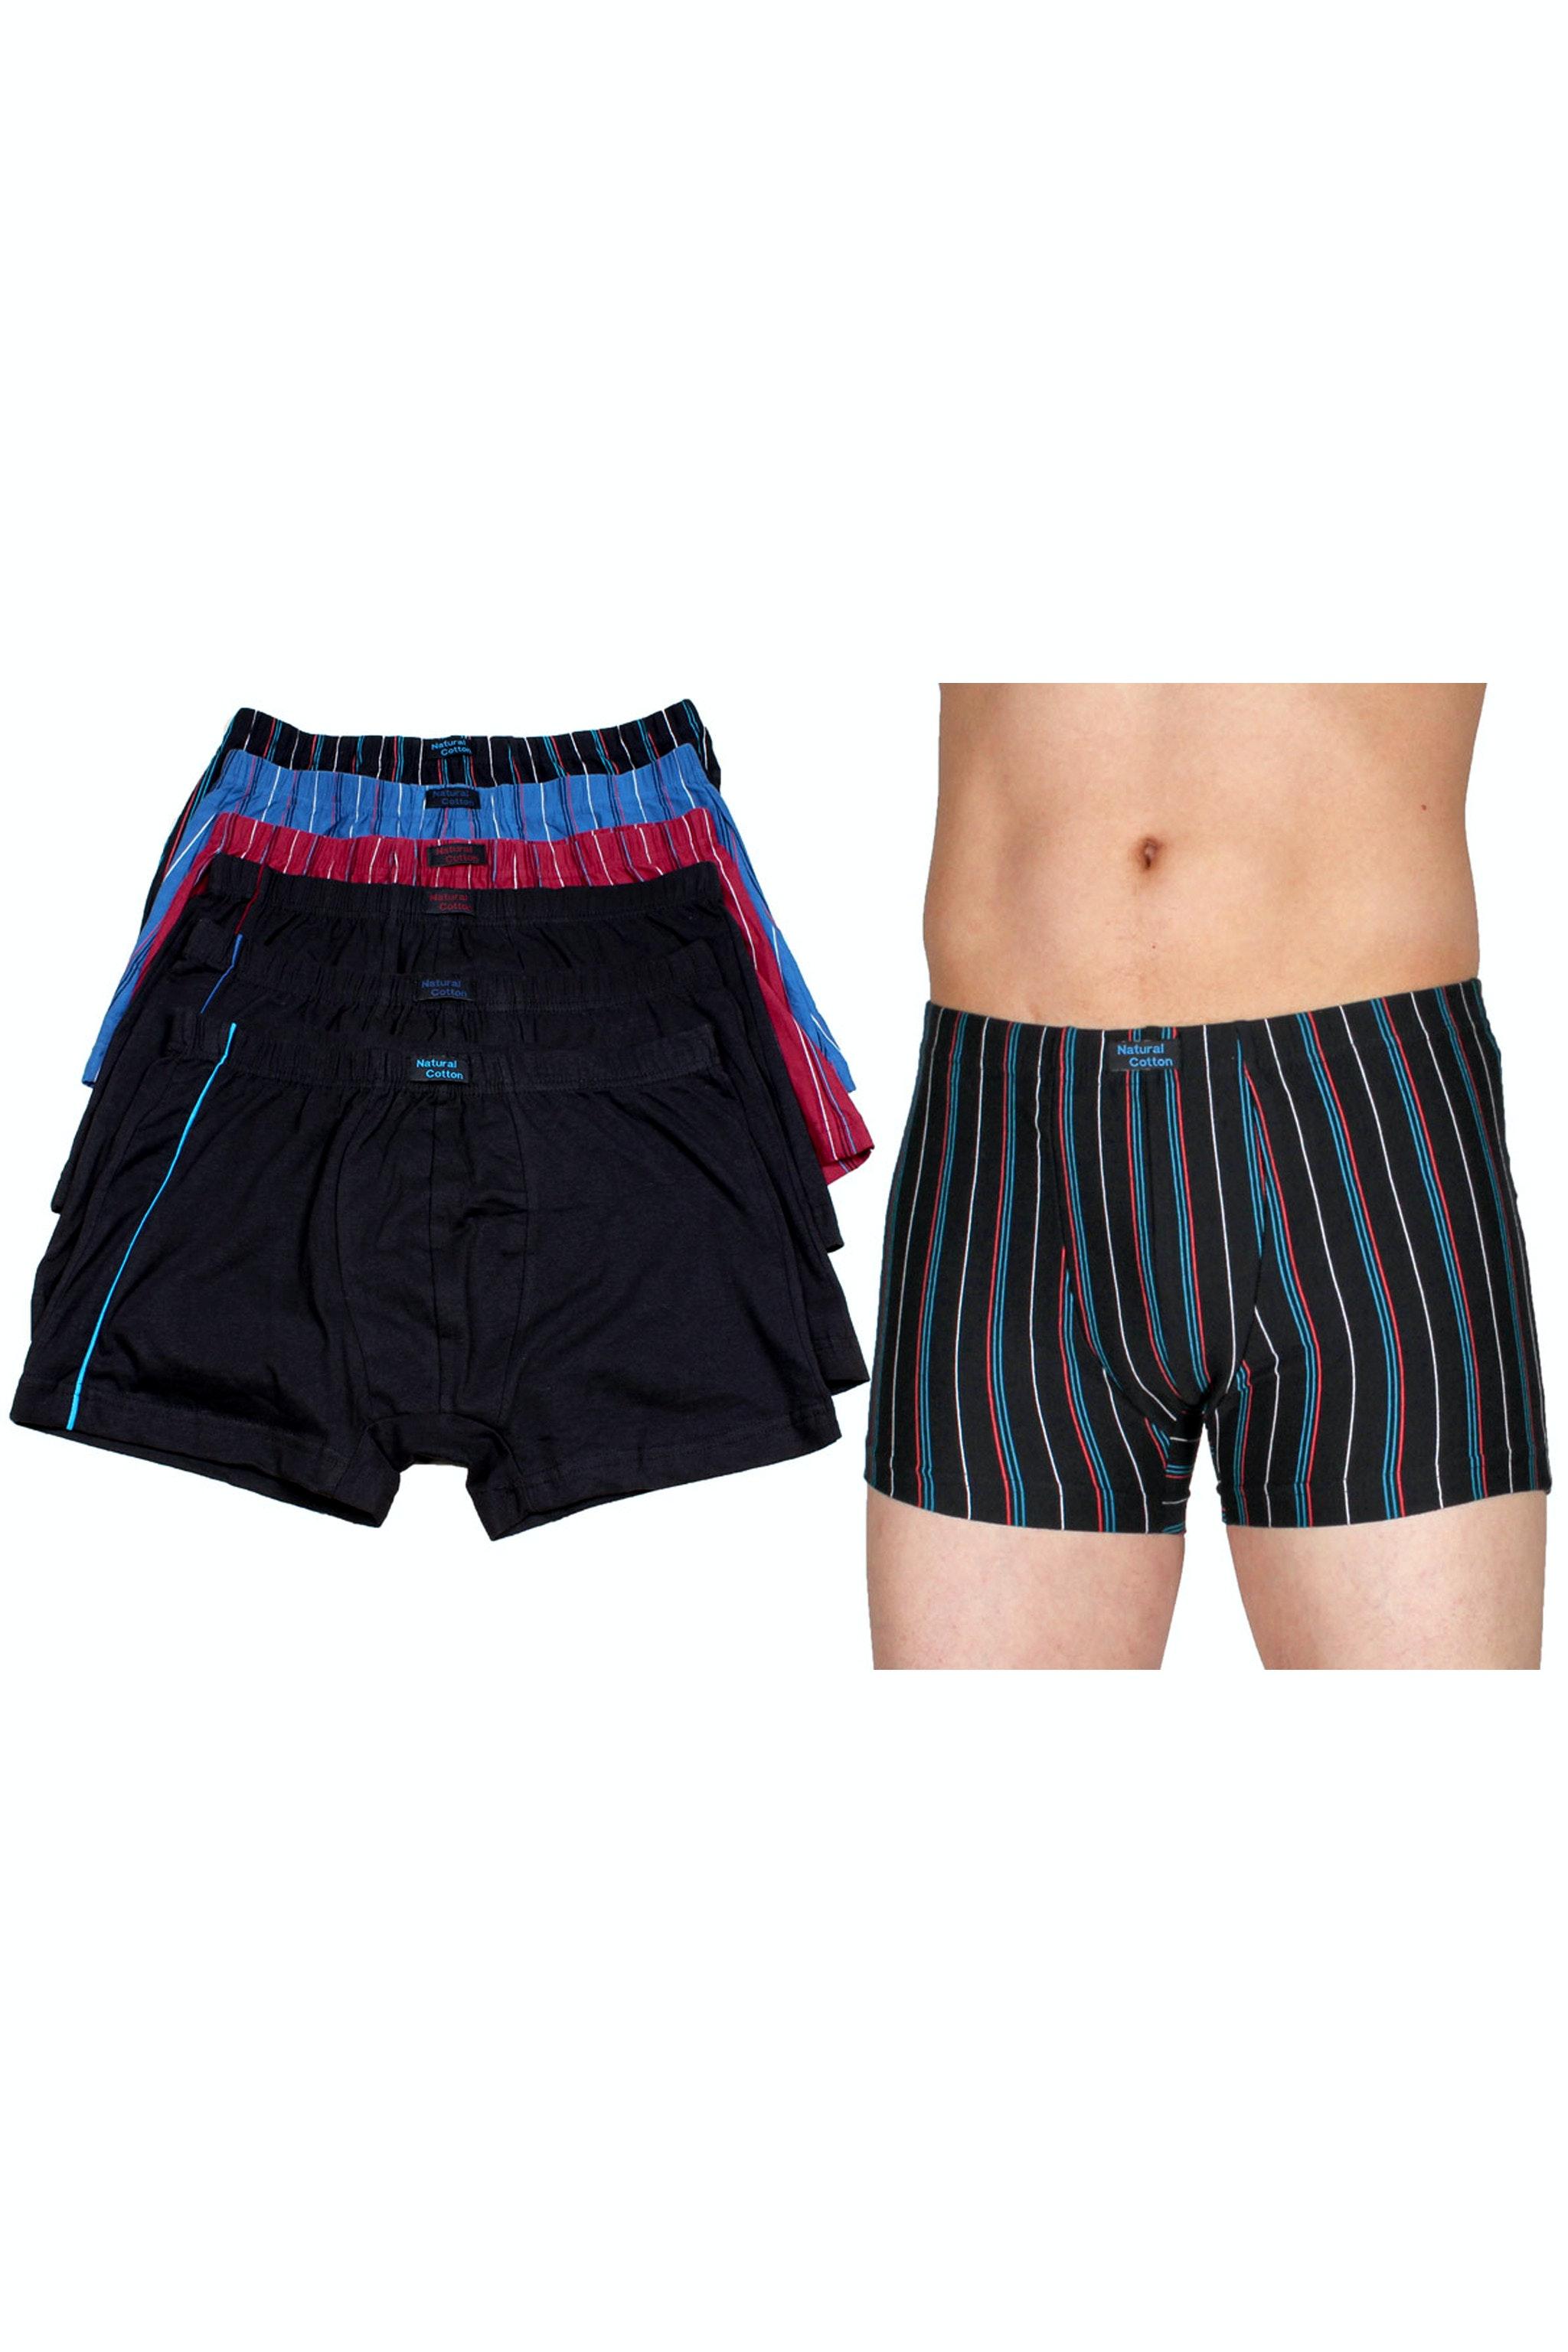 2er Pack Herren Retro Boxershorts black